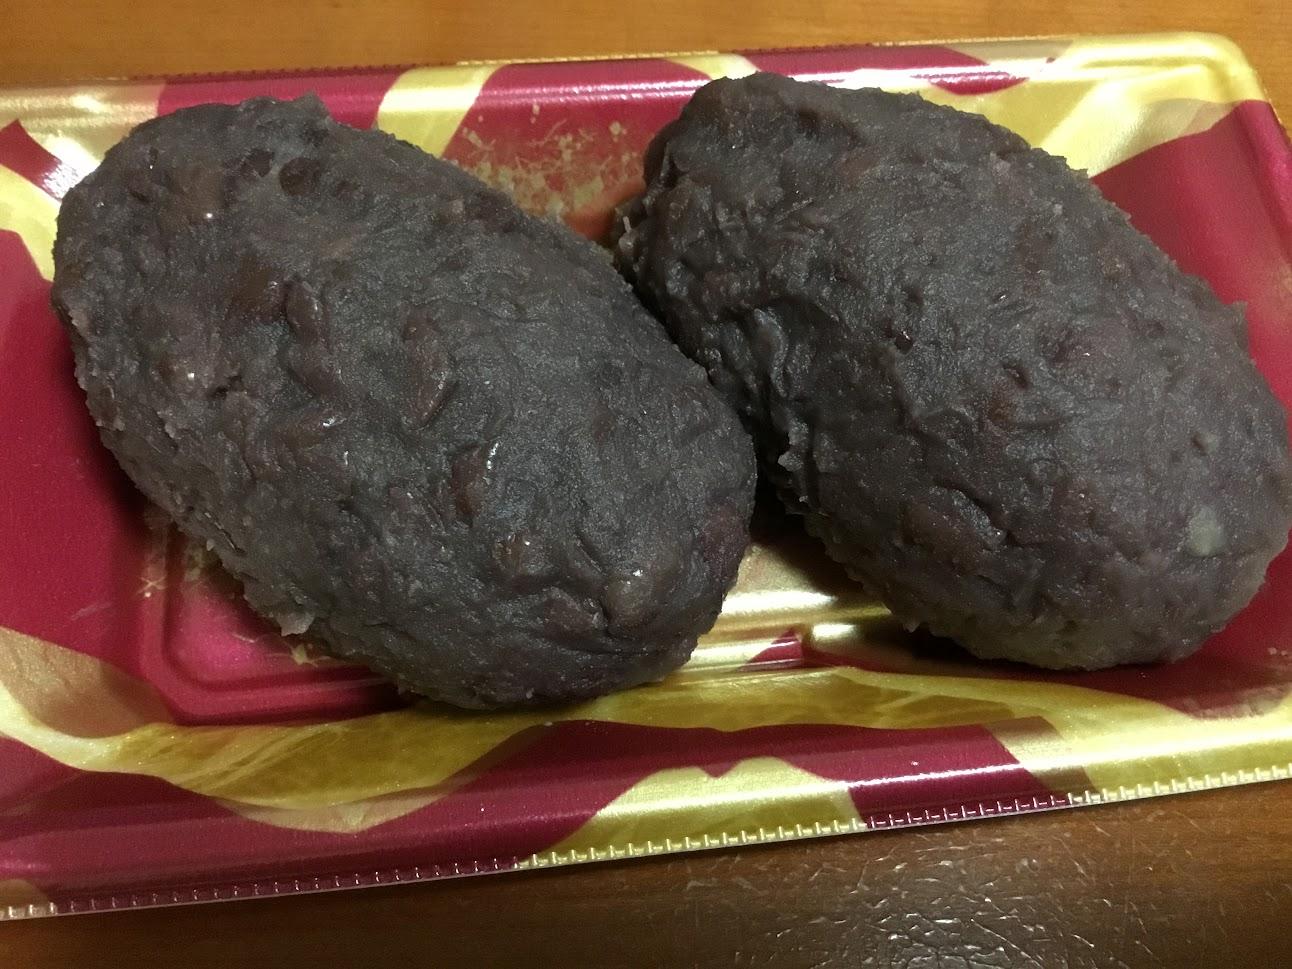 マルイチ 丸山店で、小豆たっぷりおはぎを購入。このおはぎ。。。